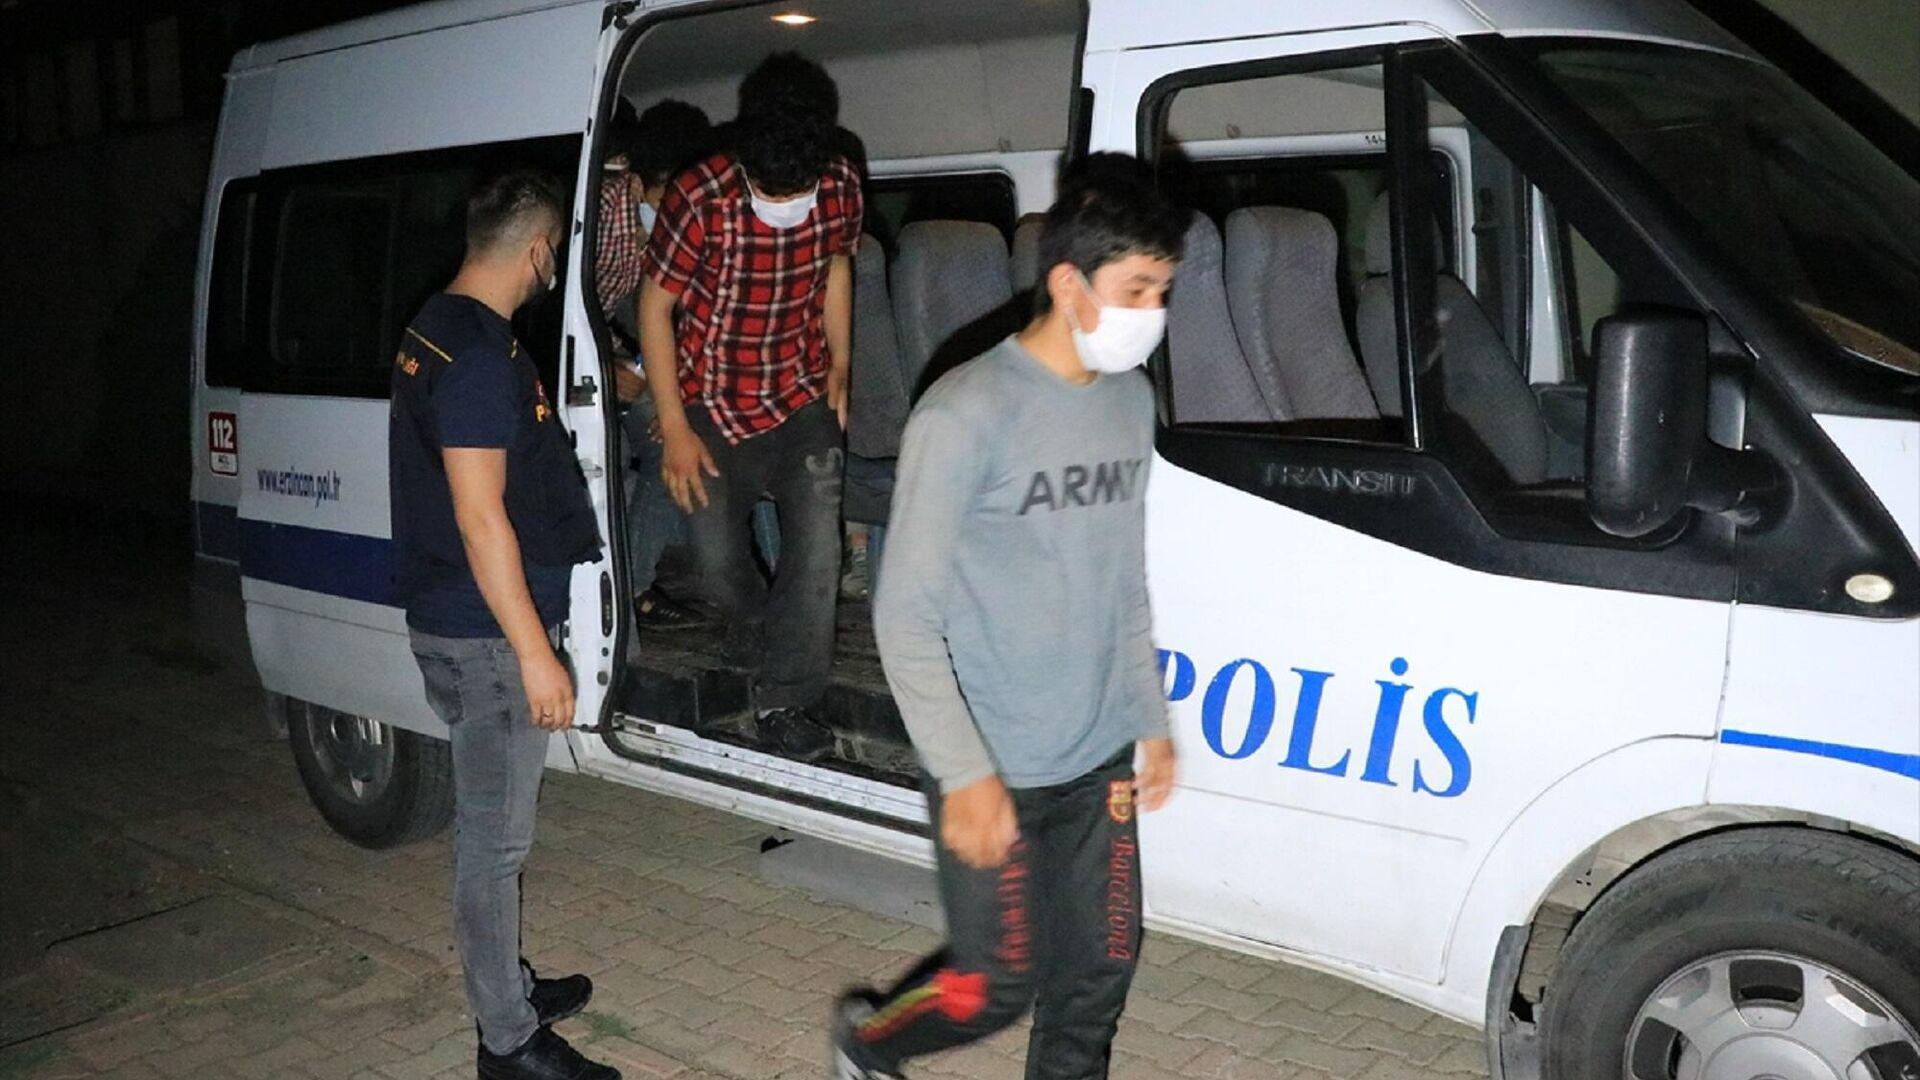 Erzincan'da bir otomobilde yurda yasa dışı yollarla girdikleri belirlenen 6 düzensiz göçmen yakalandı. Emniyetteki işlemlerin ardından adliyeye sevk edilen E.Y. çıkarıldığı sulh ceza hakimliğince tutuklandı.  - Sputnik Türkiye, 1920, 12.08.2021